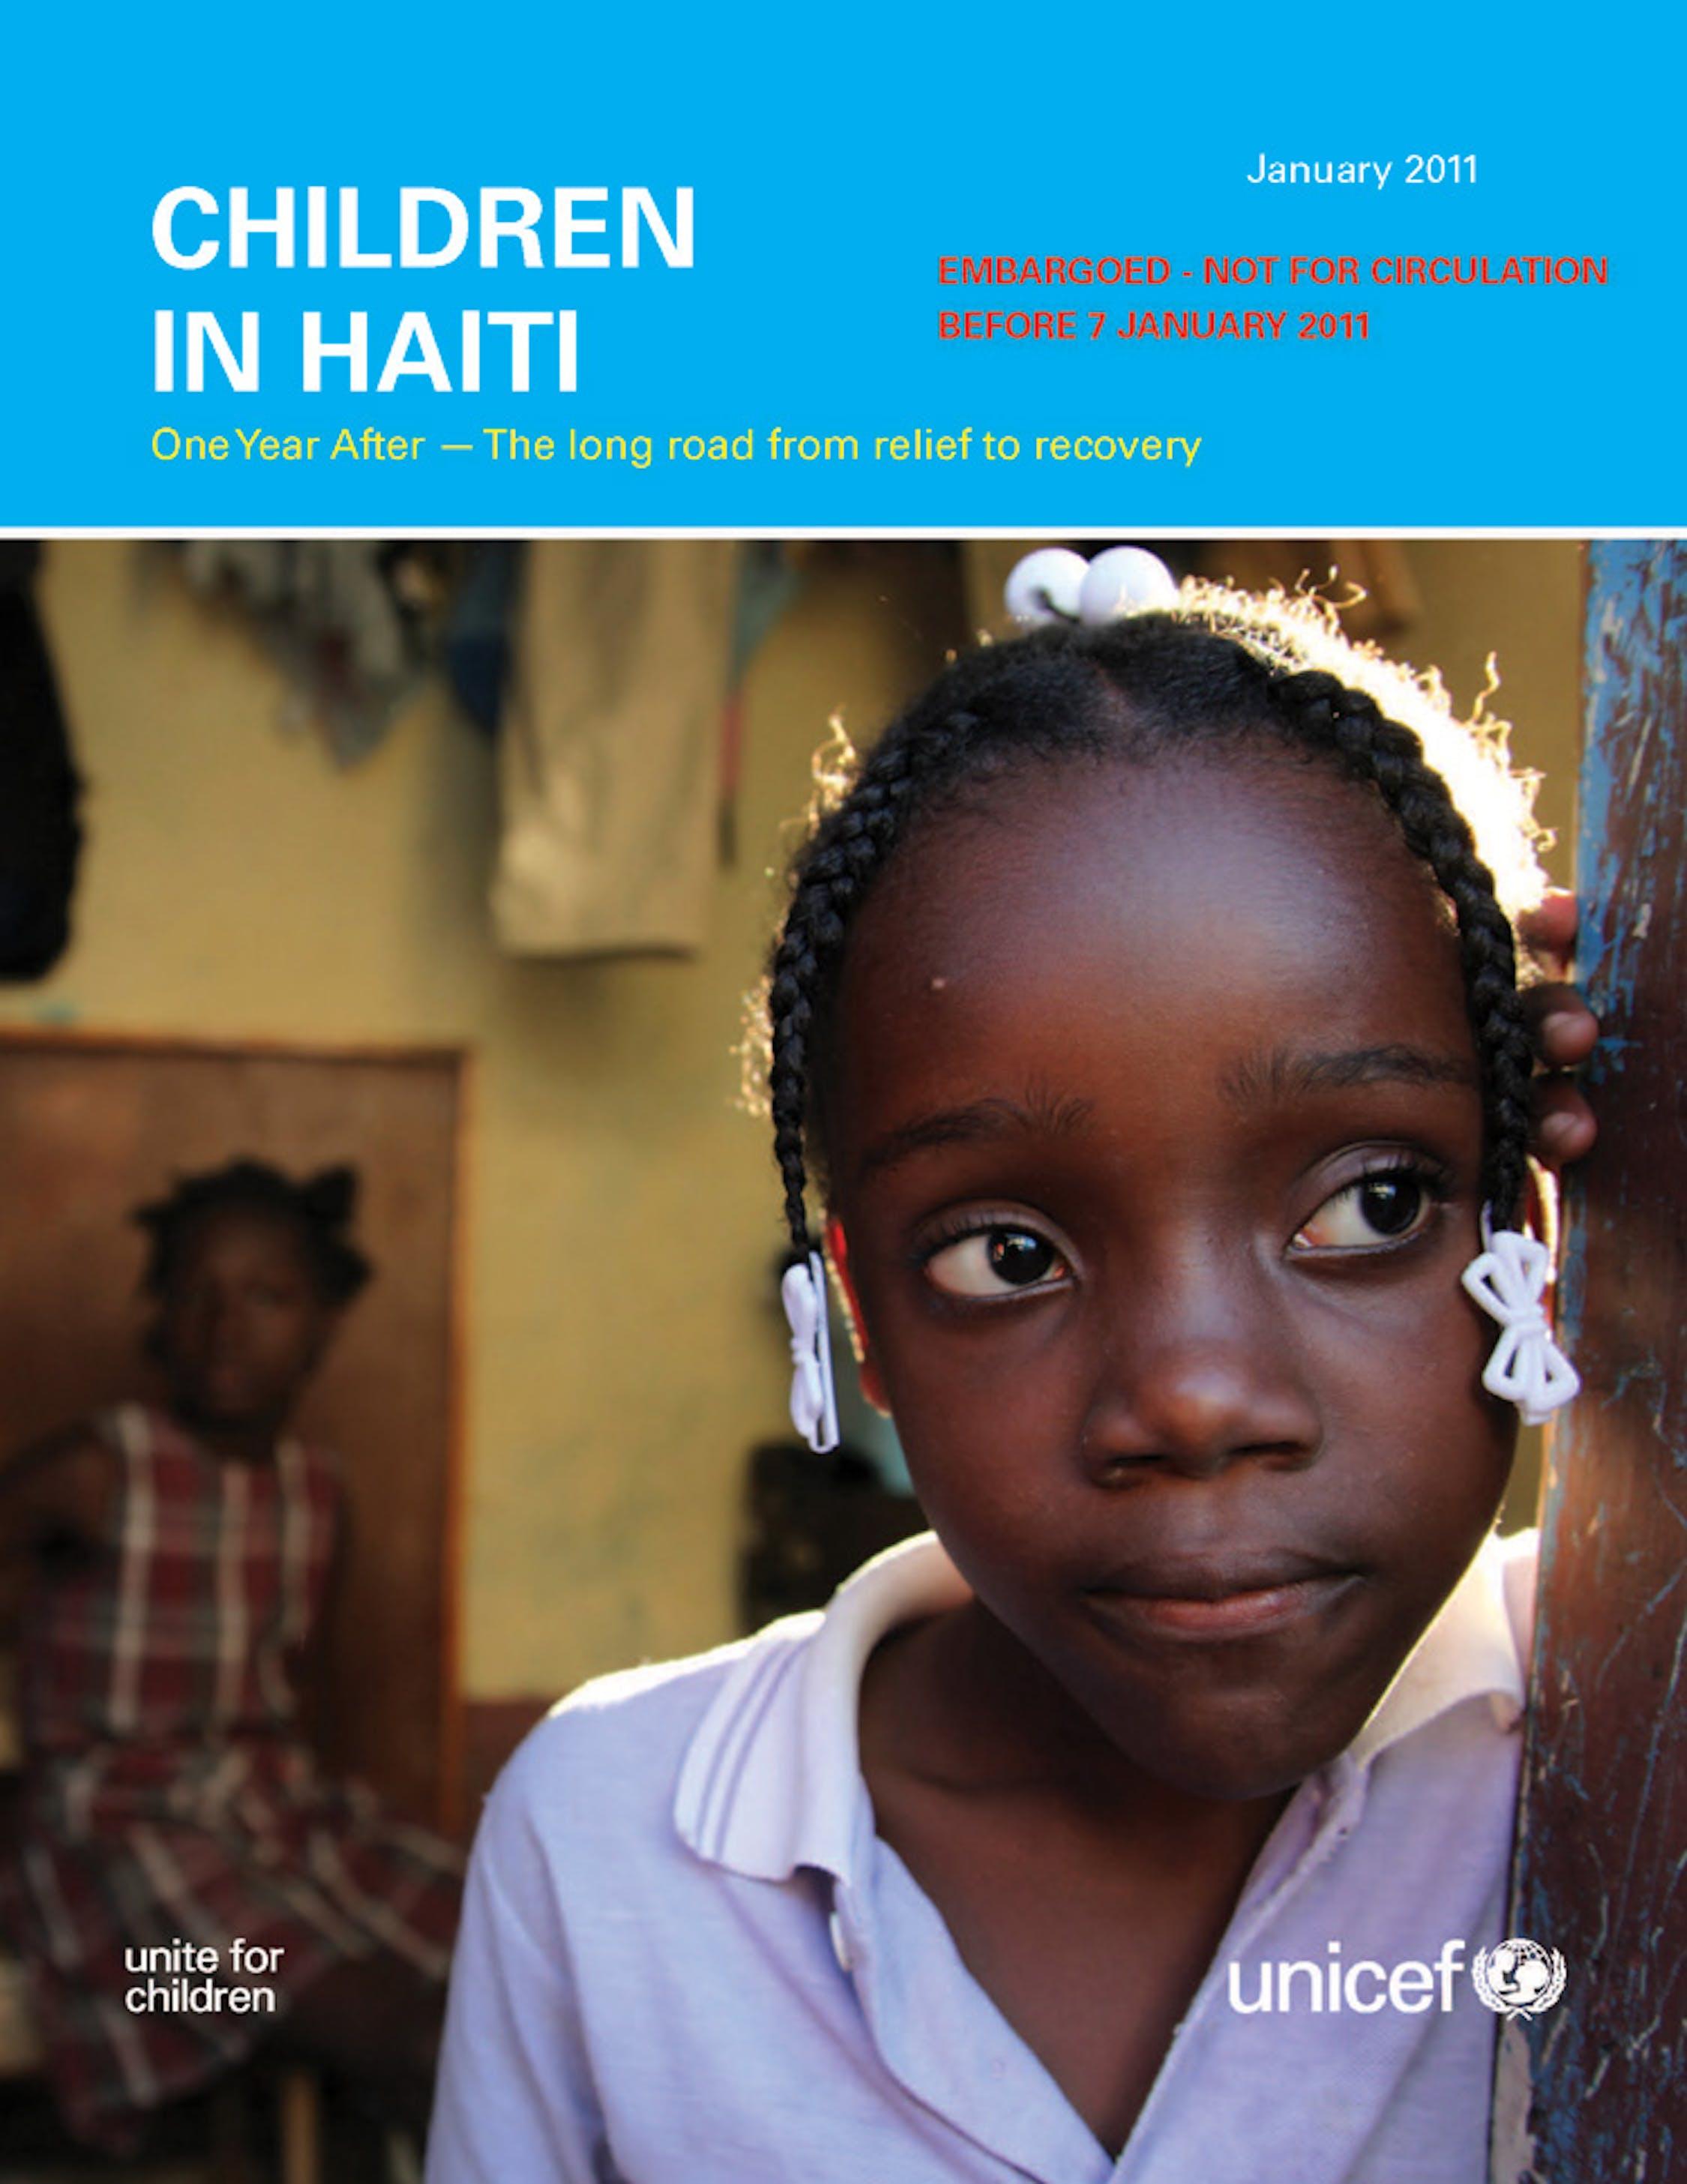 Copertina del rapporto UNICEF su Haiti un anno dopo - ©UNICEF/NYHQ2010-2639/LeMoyne